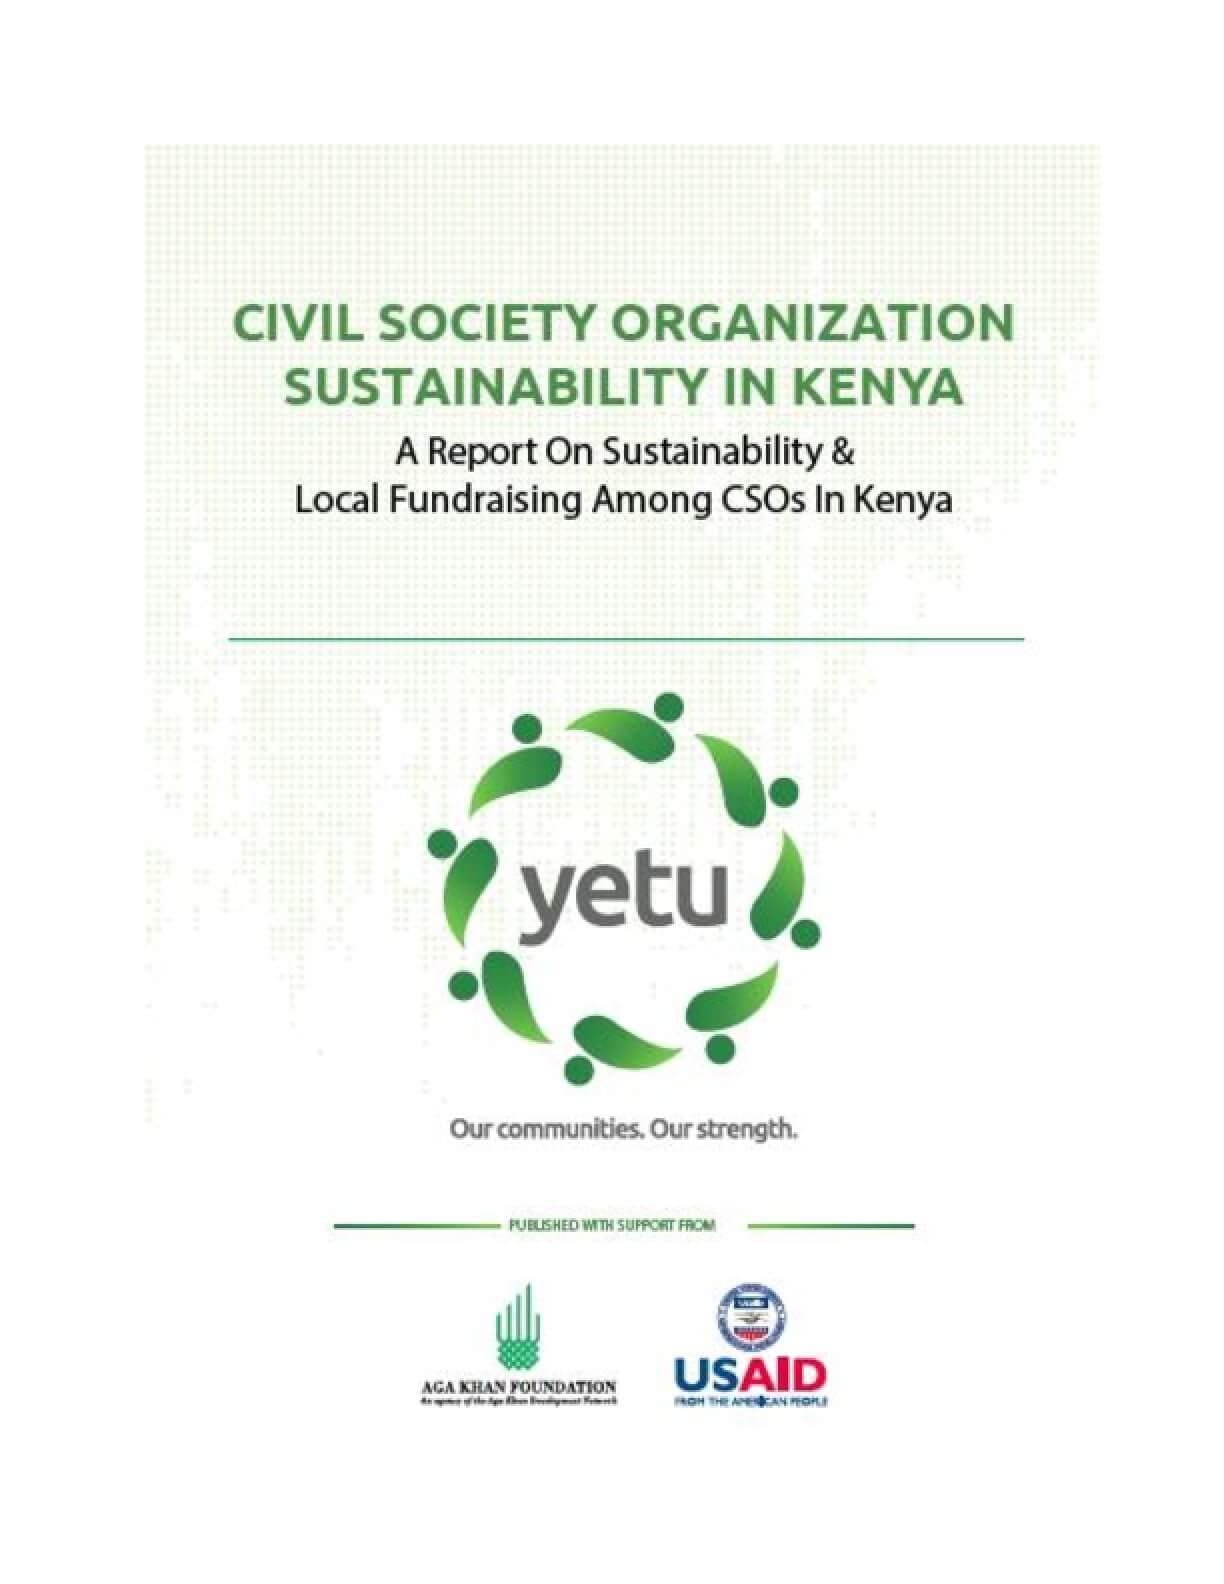 Civil Society Organization Sustainability in Kenya